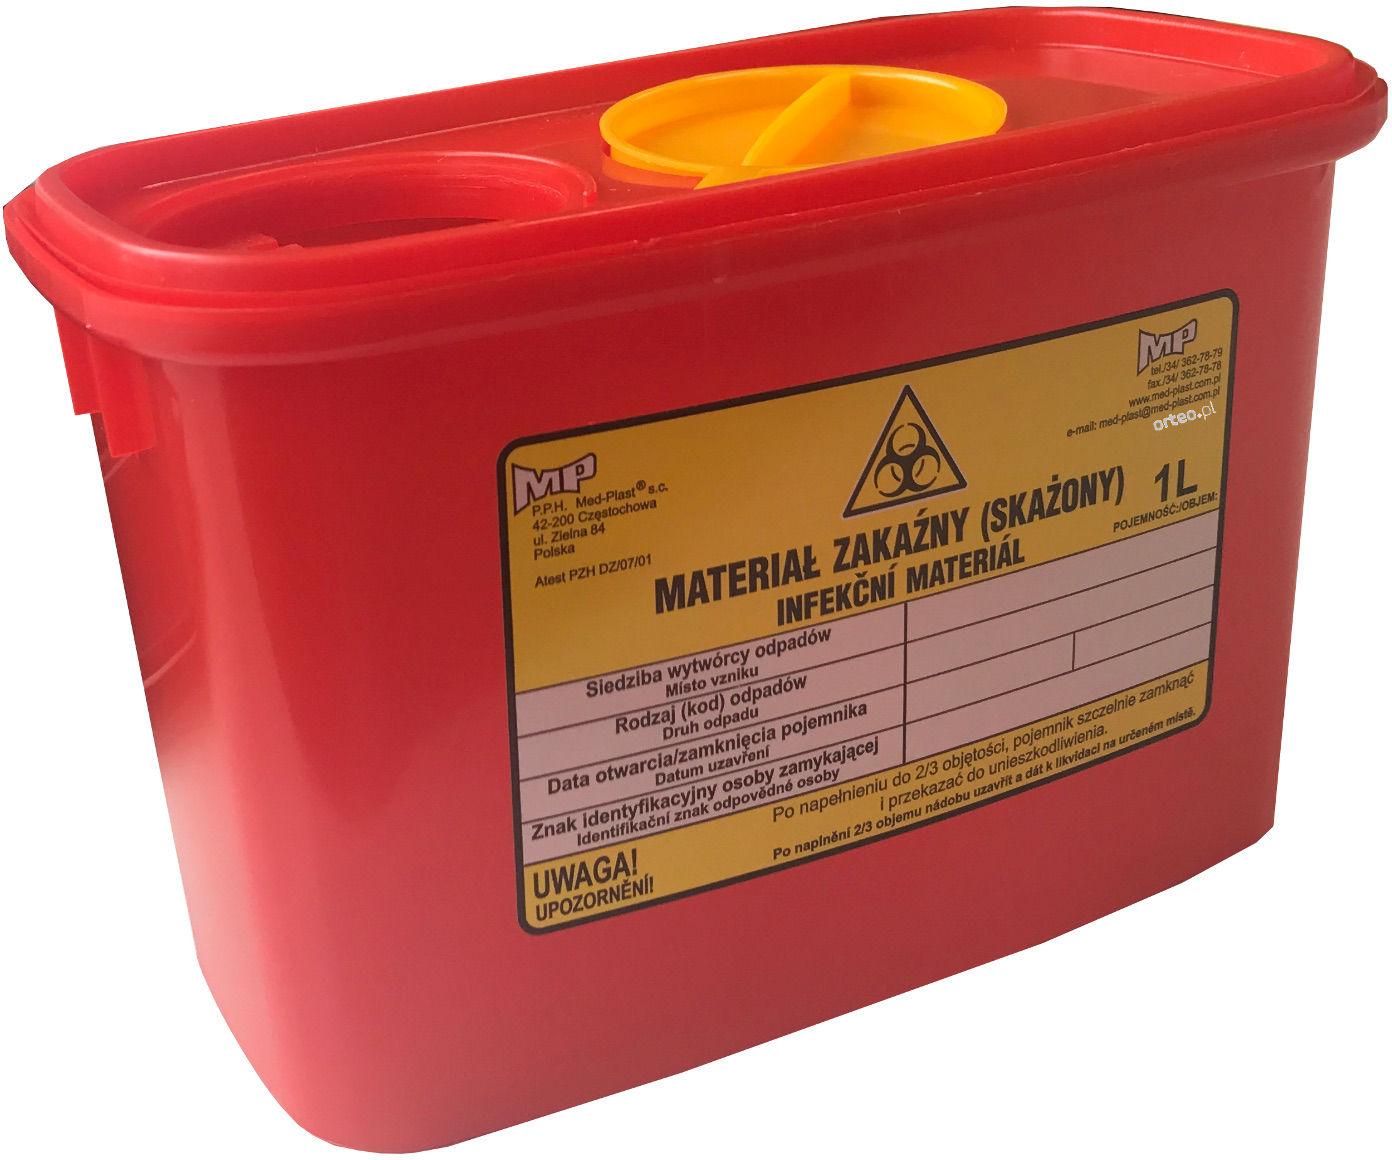 Pojemnik na zużyte igły i odpady medyczne (mp)